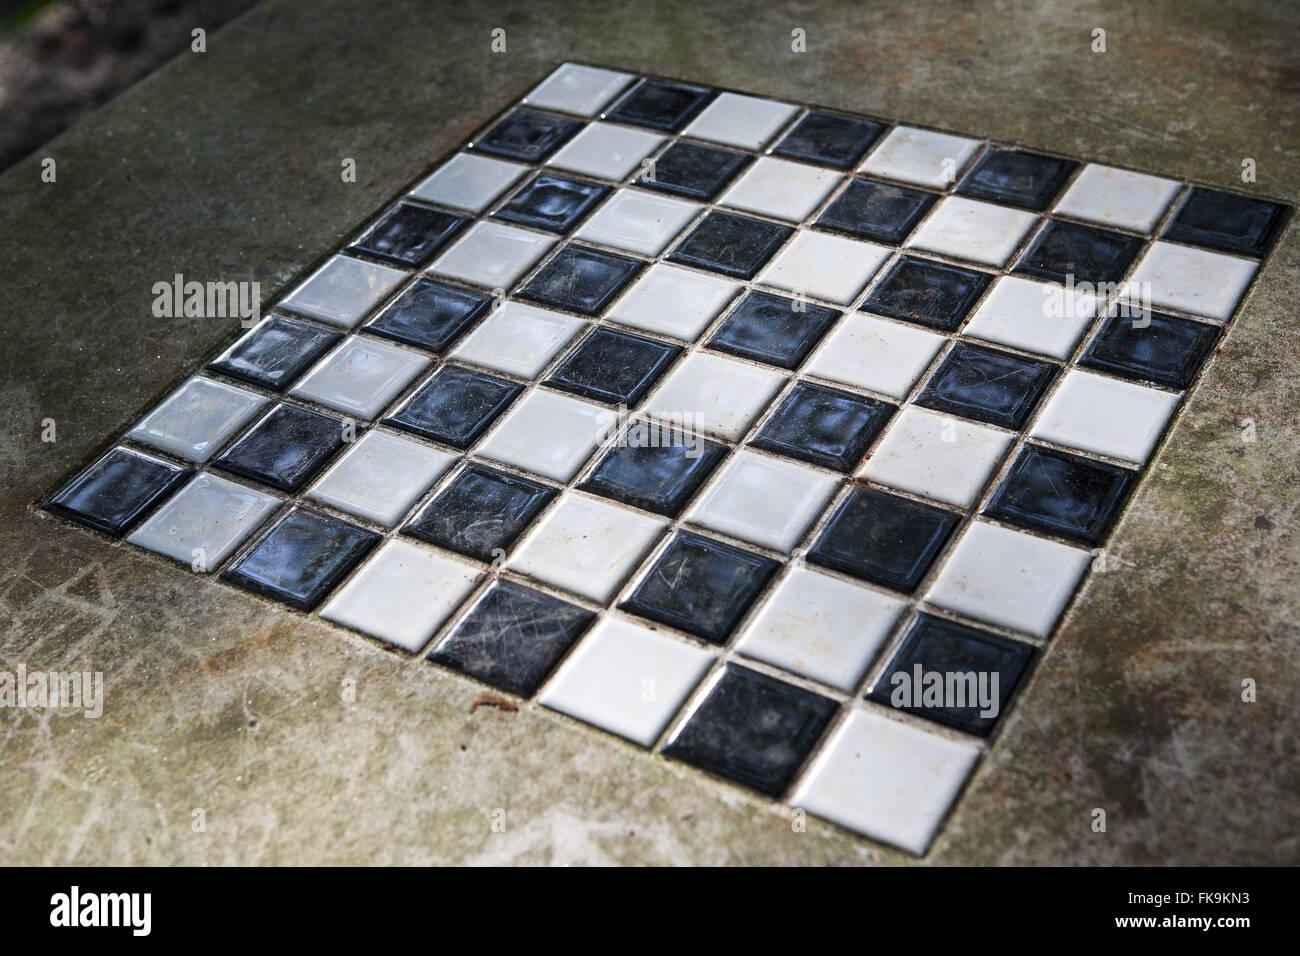 Dettaglio della scacchiera Immagini Stock